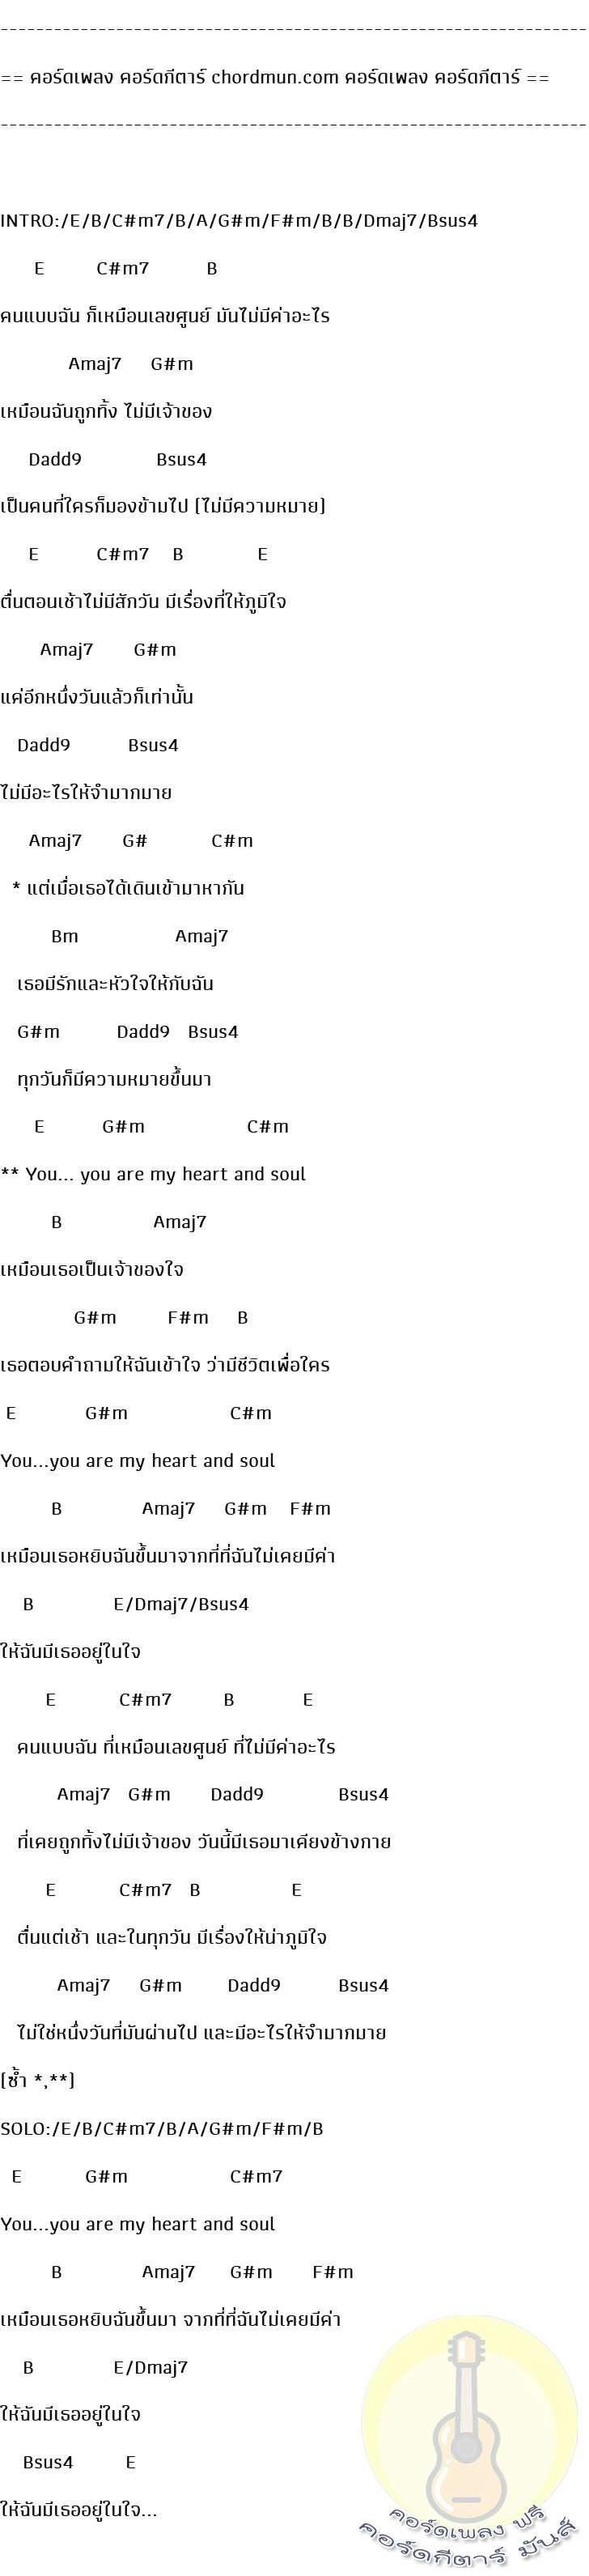 คอร์ดกีต้าโปร่ง  เพลง เจ้าของหัวใจ